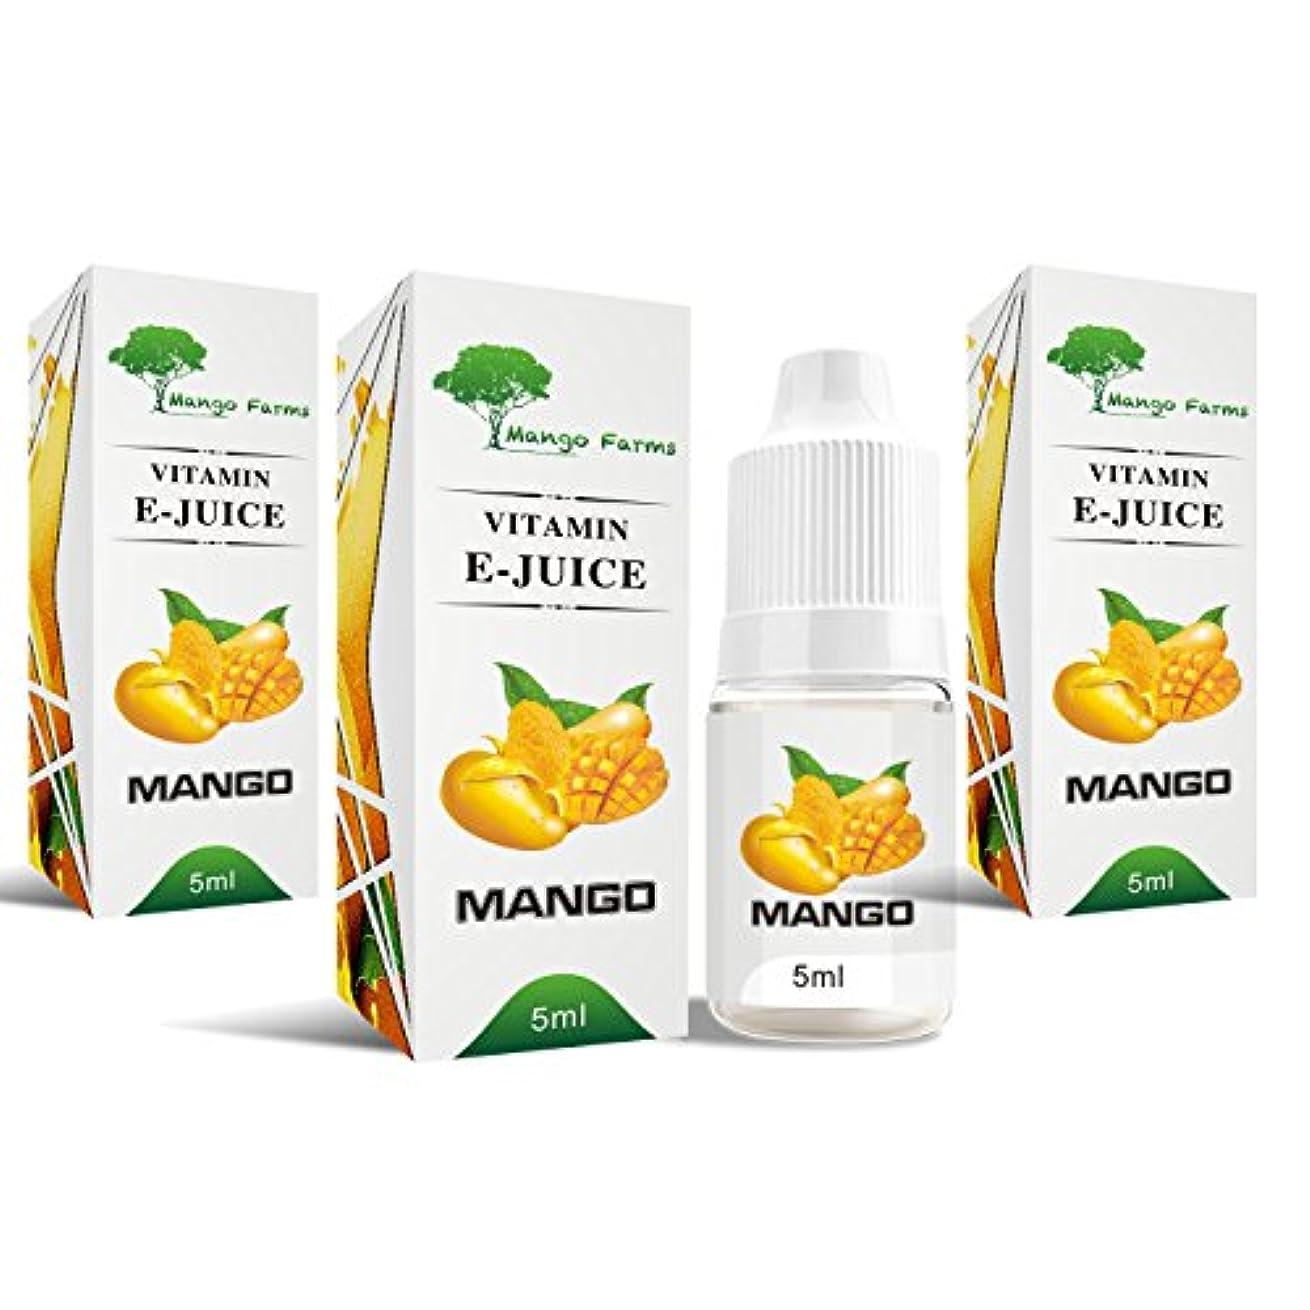 妨げる細胞遠え電子タバコ Mango (マンゴ)完熟マンゴ 安心の高品質 ビタミンリキッド ニコチン?タール無し 健康志向?禁煙?節約にオススメ! お得な5mlを3本セット!(タバコ150本相当 0.1m使用時) 使い切りサイズ